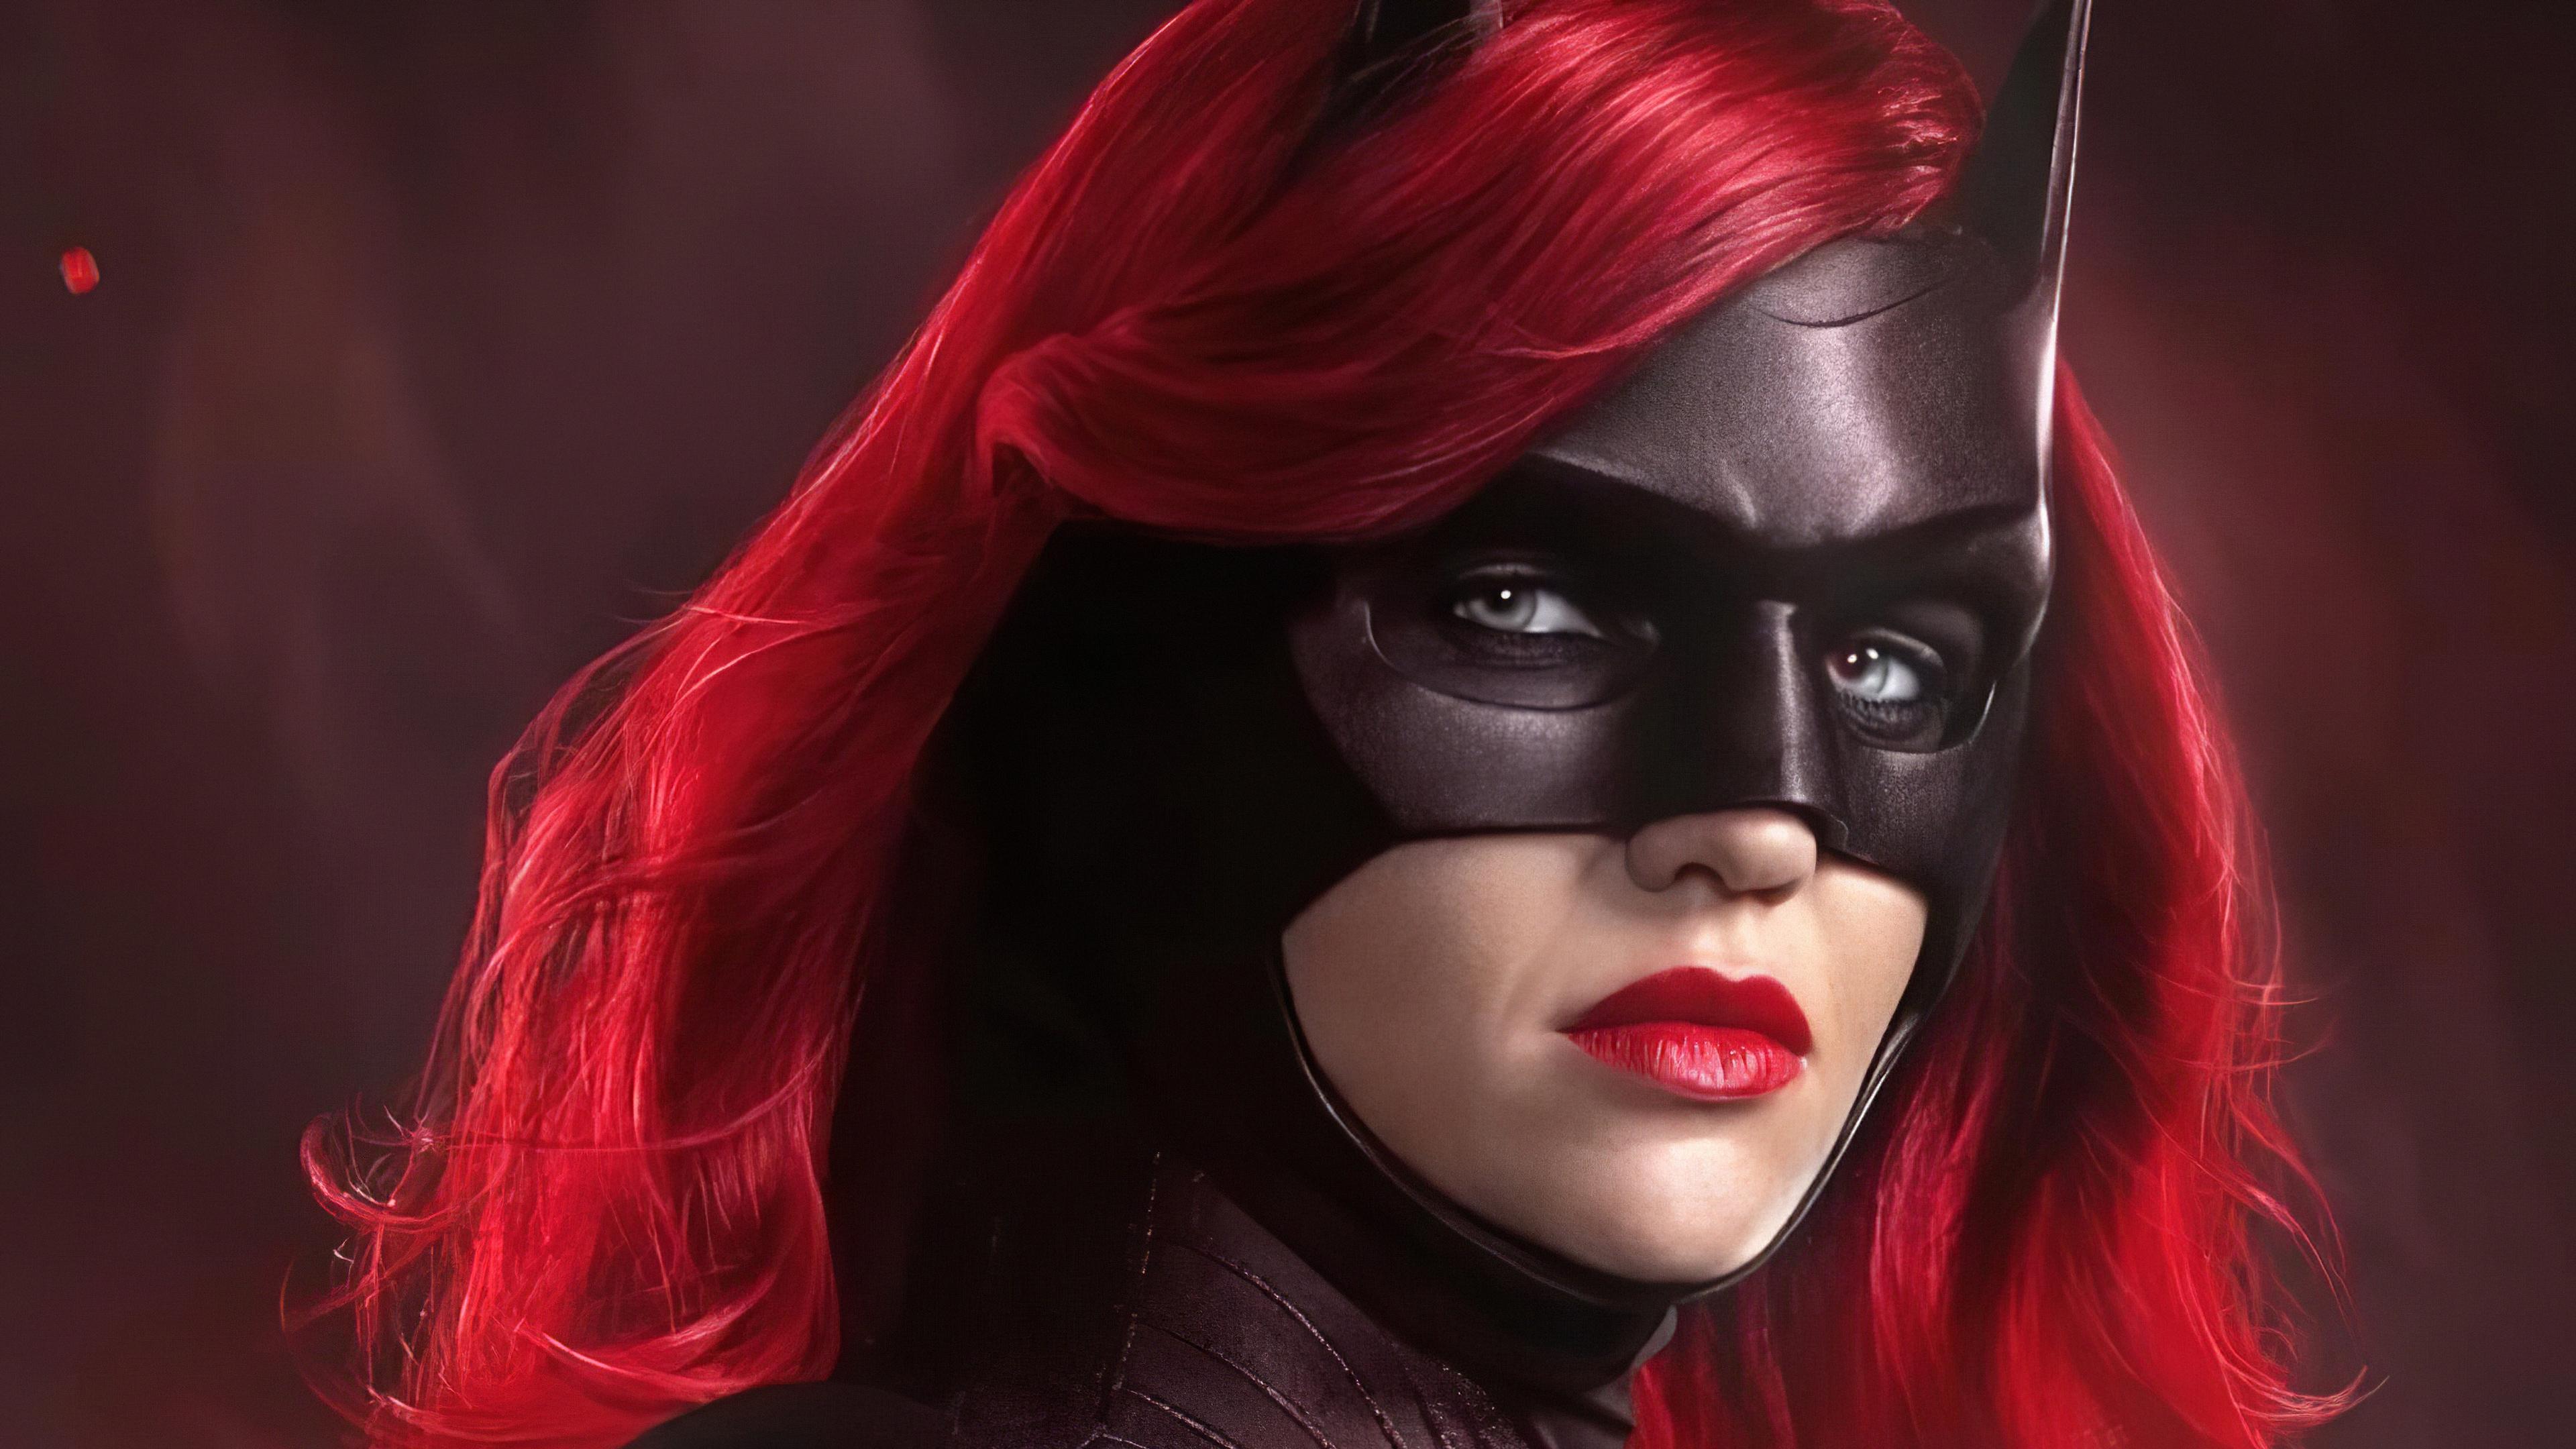 batwoman ruby rose 2019 1578253086 - Batwoman Ruby Rose 2019 - Ruby Rose Batwoman 2019 4k wallpaper